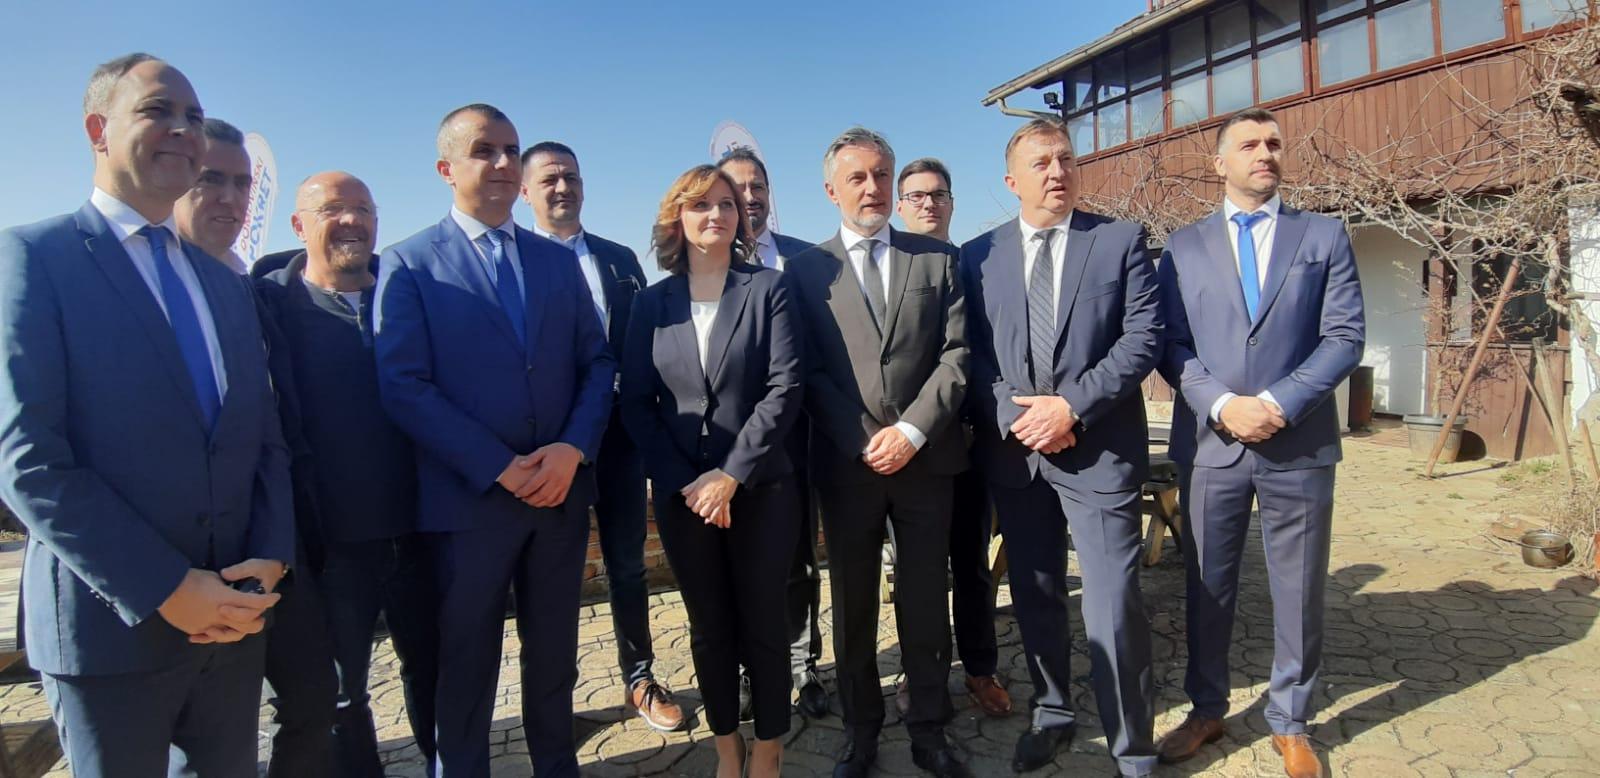 Dragašević: Zbog aktualne politike, BBŽ je na začelju sa svime, a ostali smo bez grada veličine Daruvara!